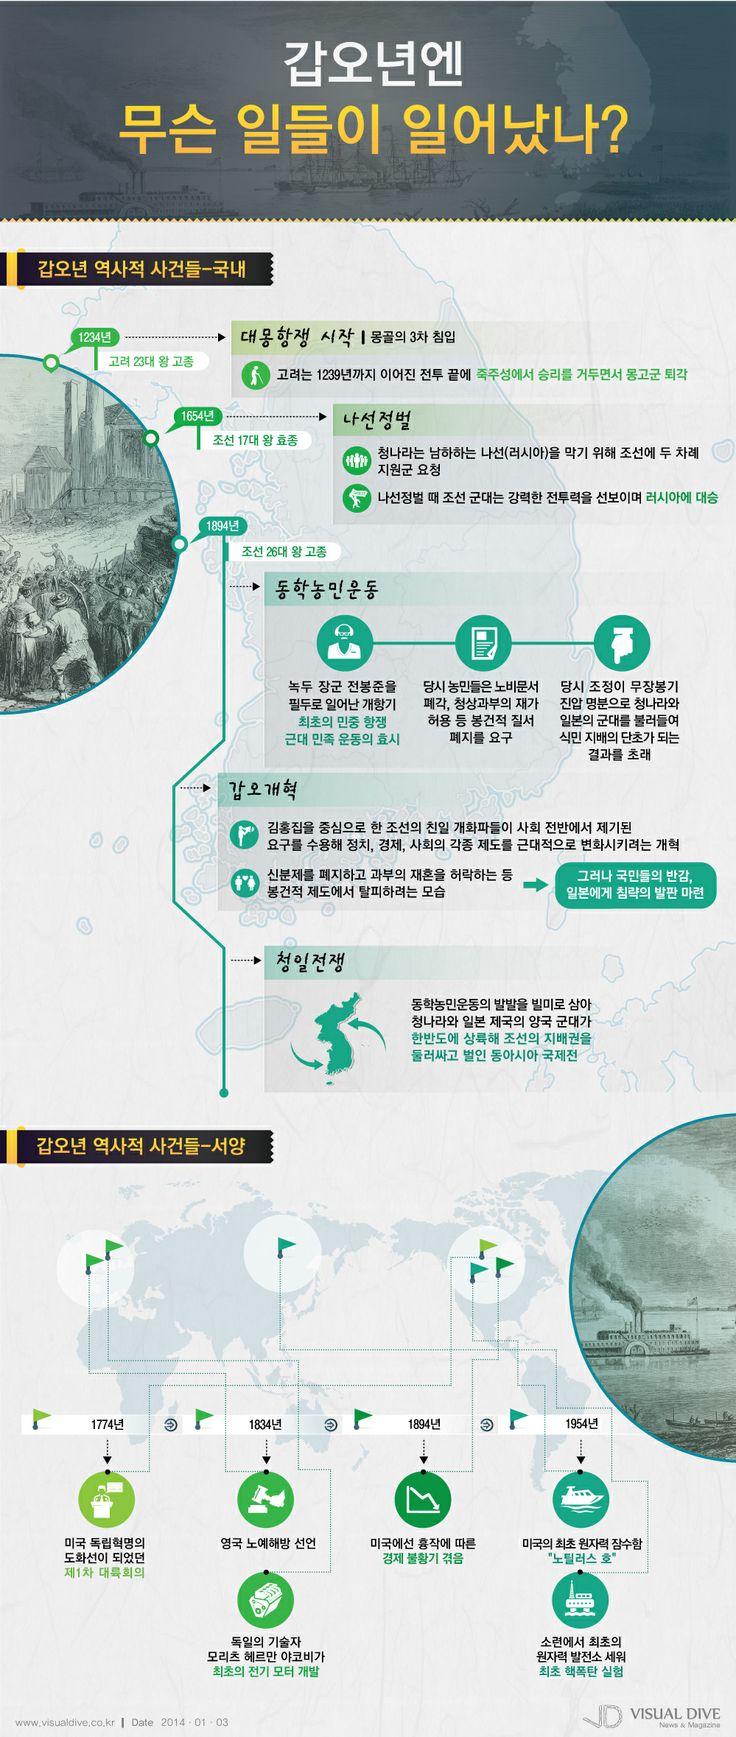 [인포그래픽] 갑오년엔 어떤 일들이 일어났을까? #history / #Infographic ⓒ 비주얼다이브 무단 복사·전재·재배포 금지